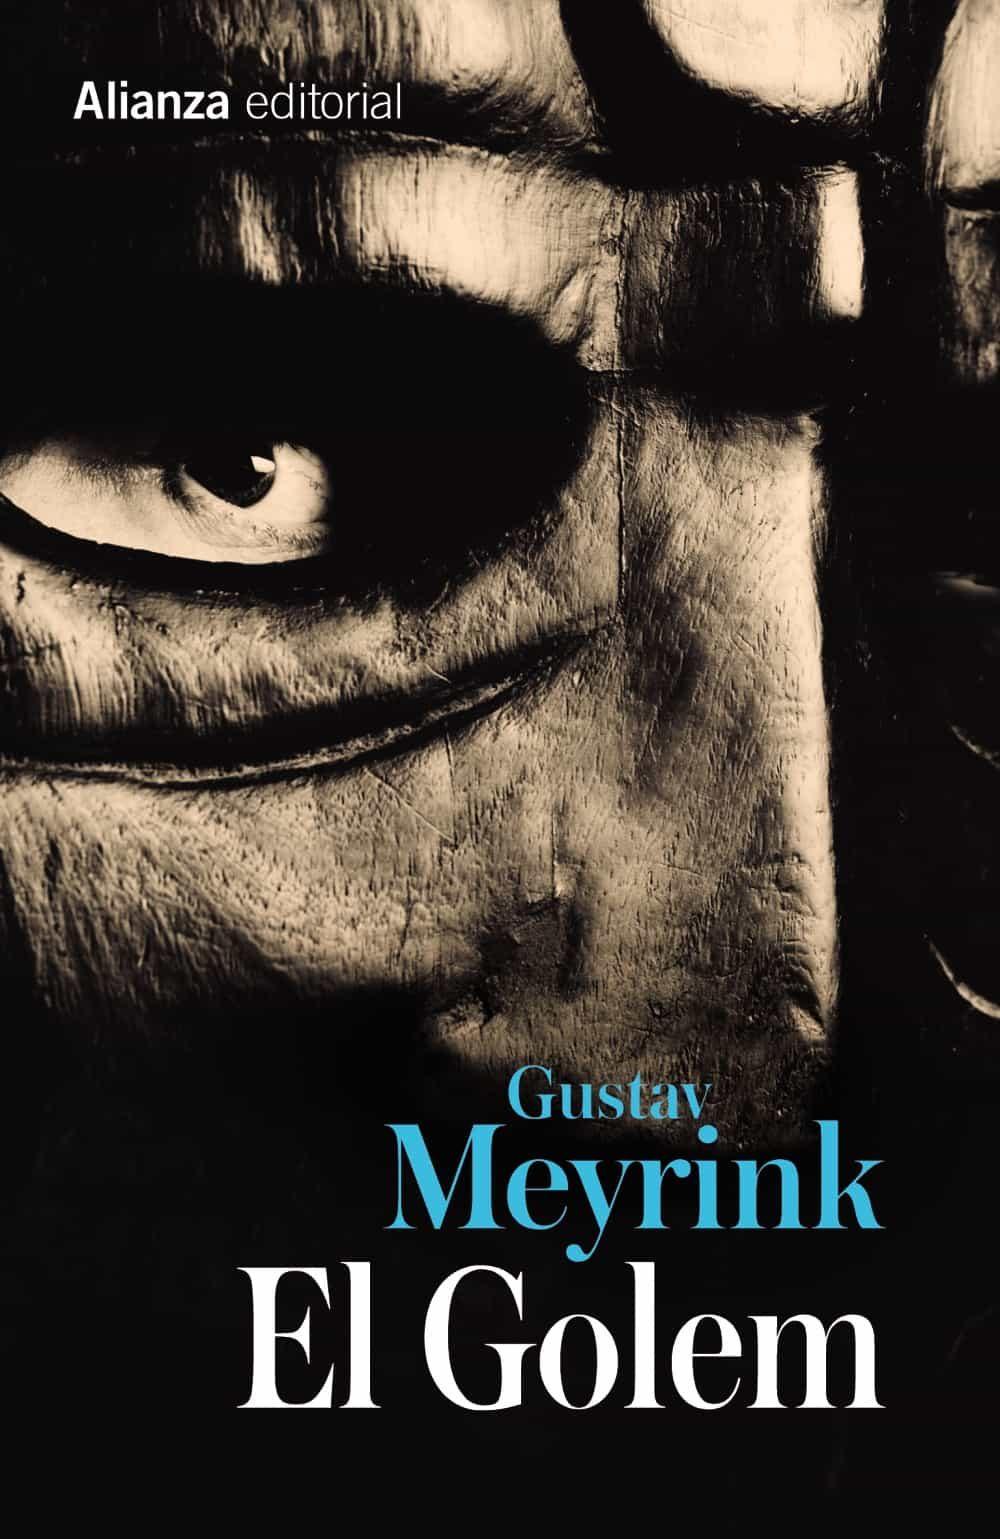 Resultado de imagen para gustav meyrink pdf